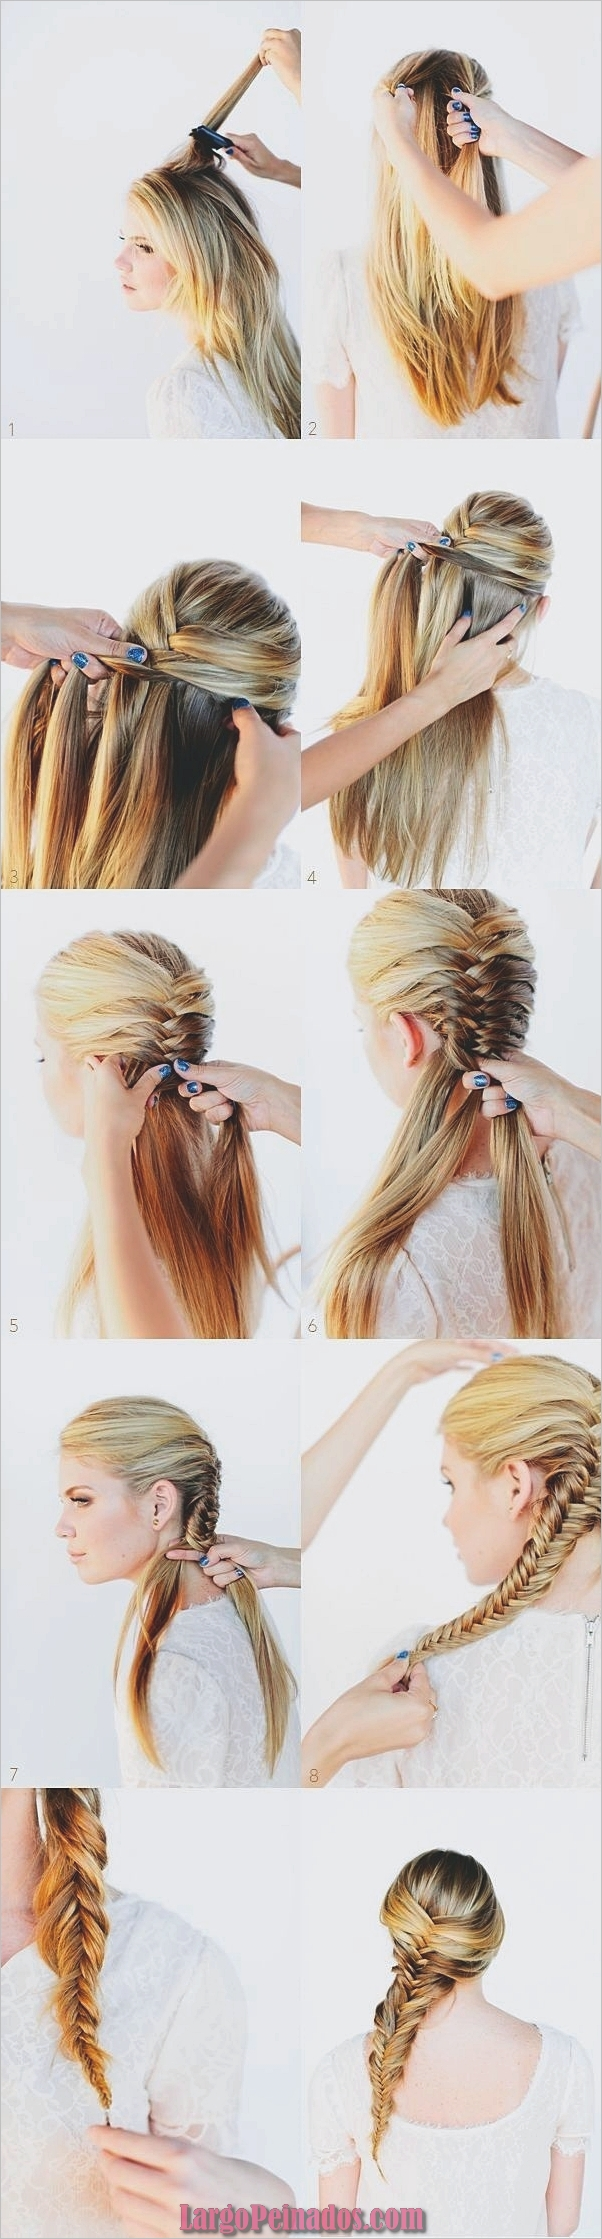 Peinados fáciles paso a paso para cabello largo1